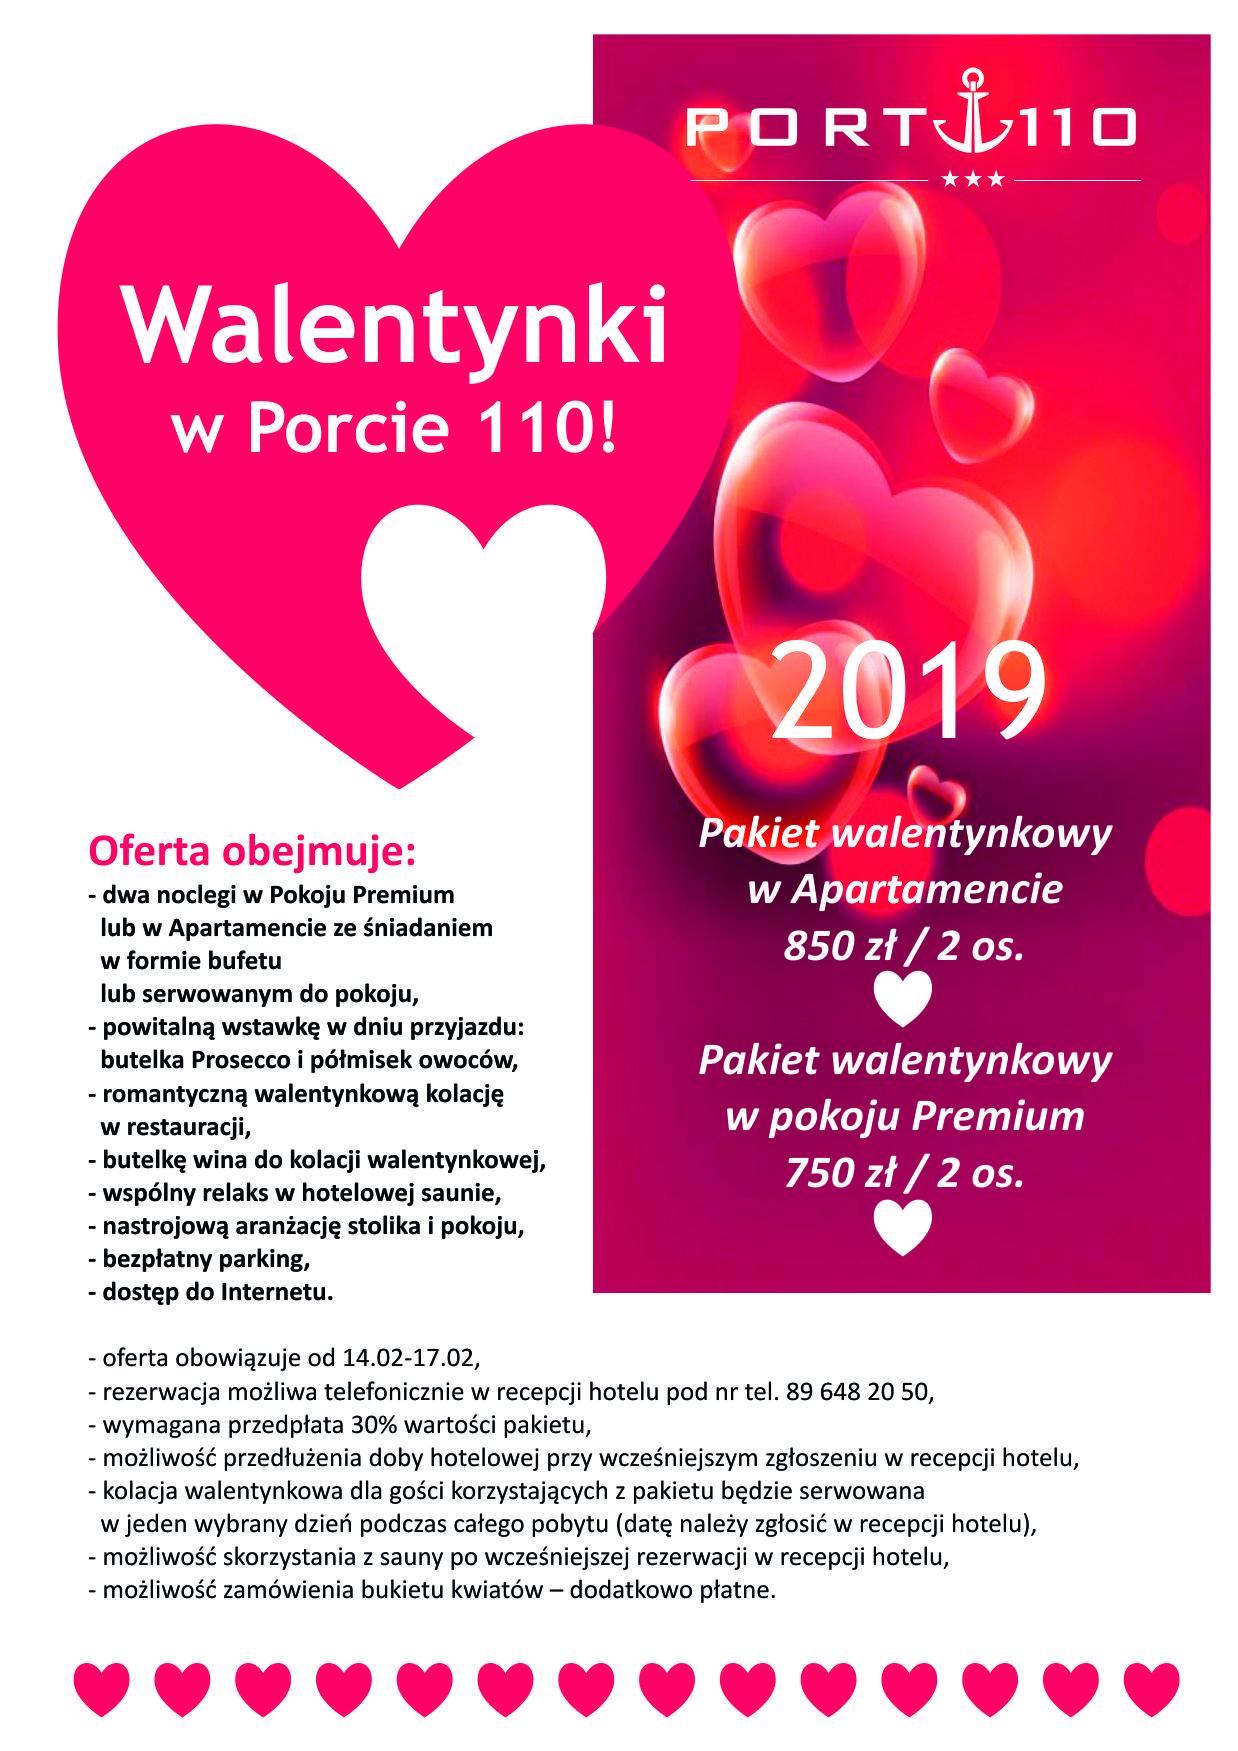 Oferta Walentynki 2019